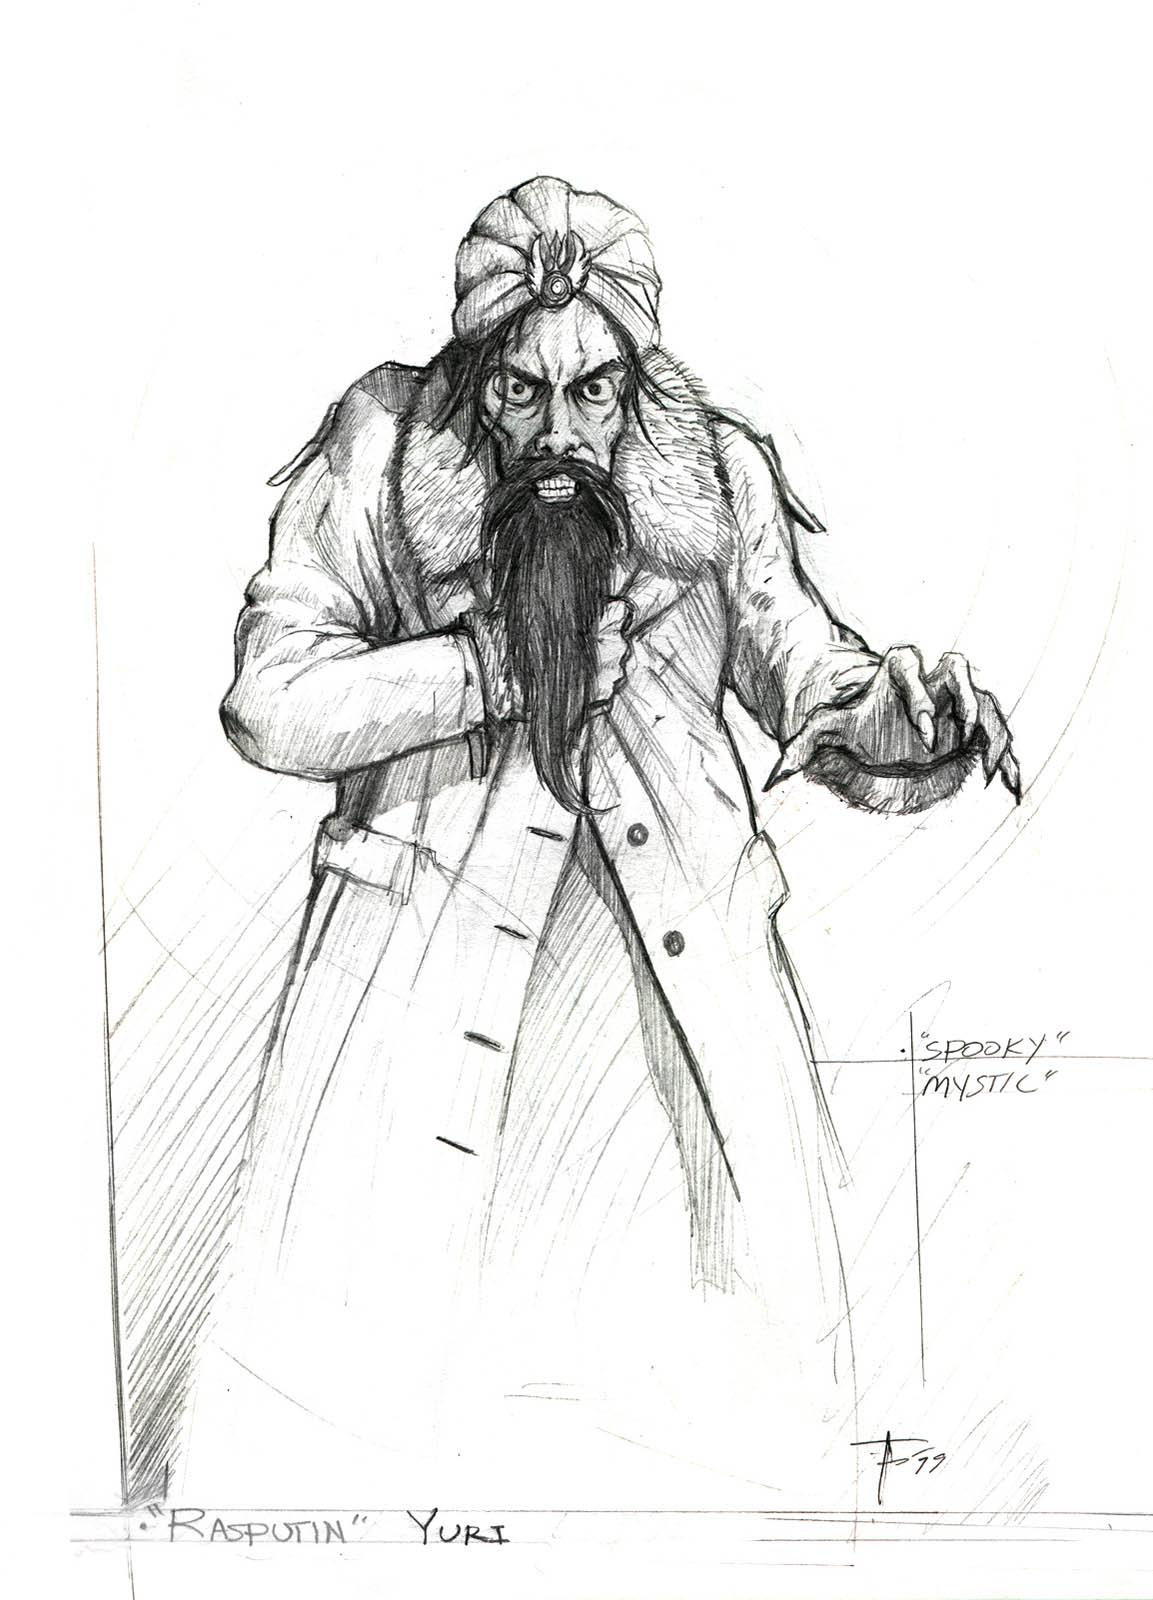 TJFRAME-ART_REDALERT2_RasputinYuri.jpg